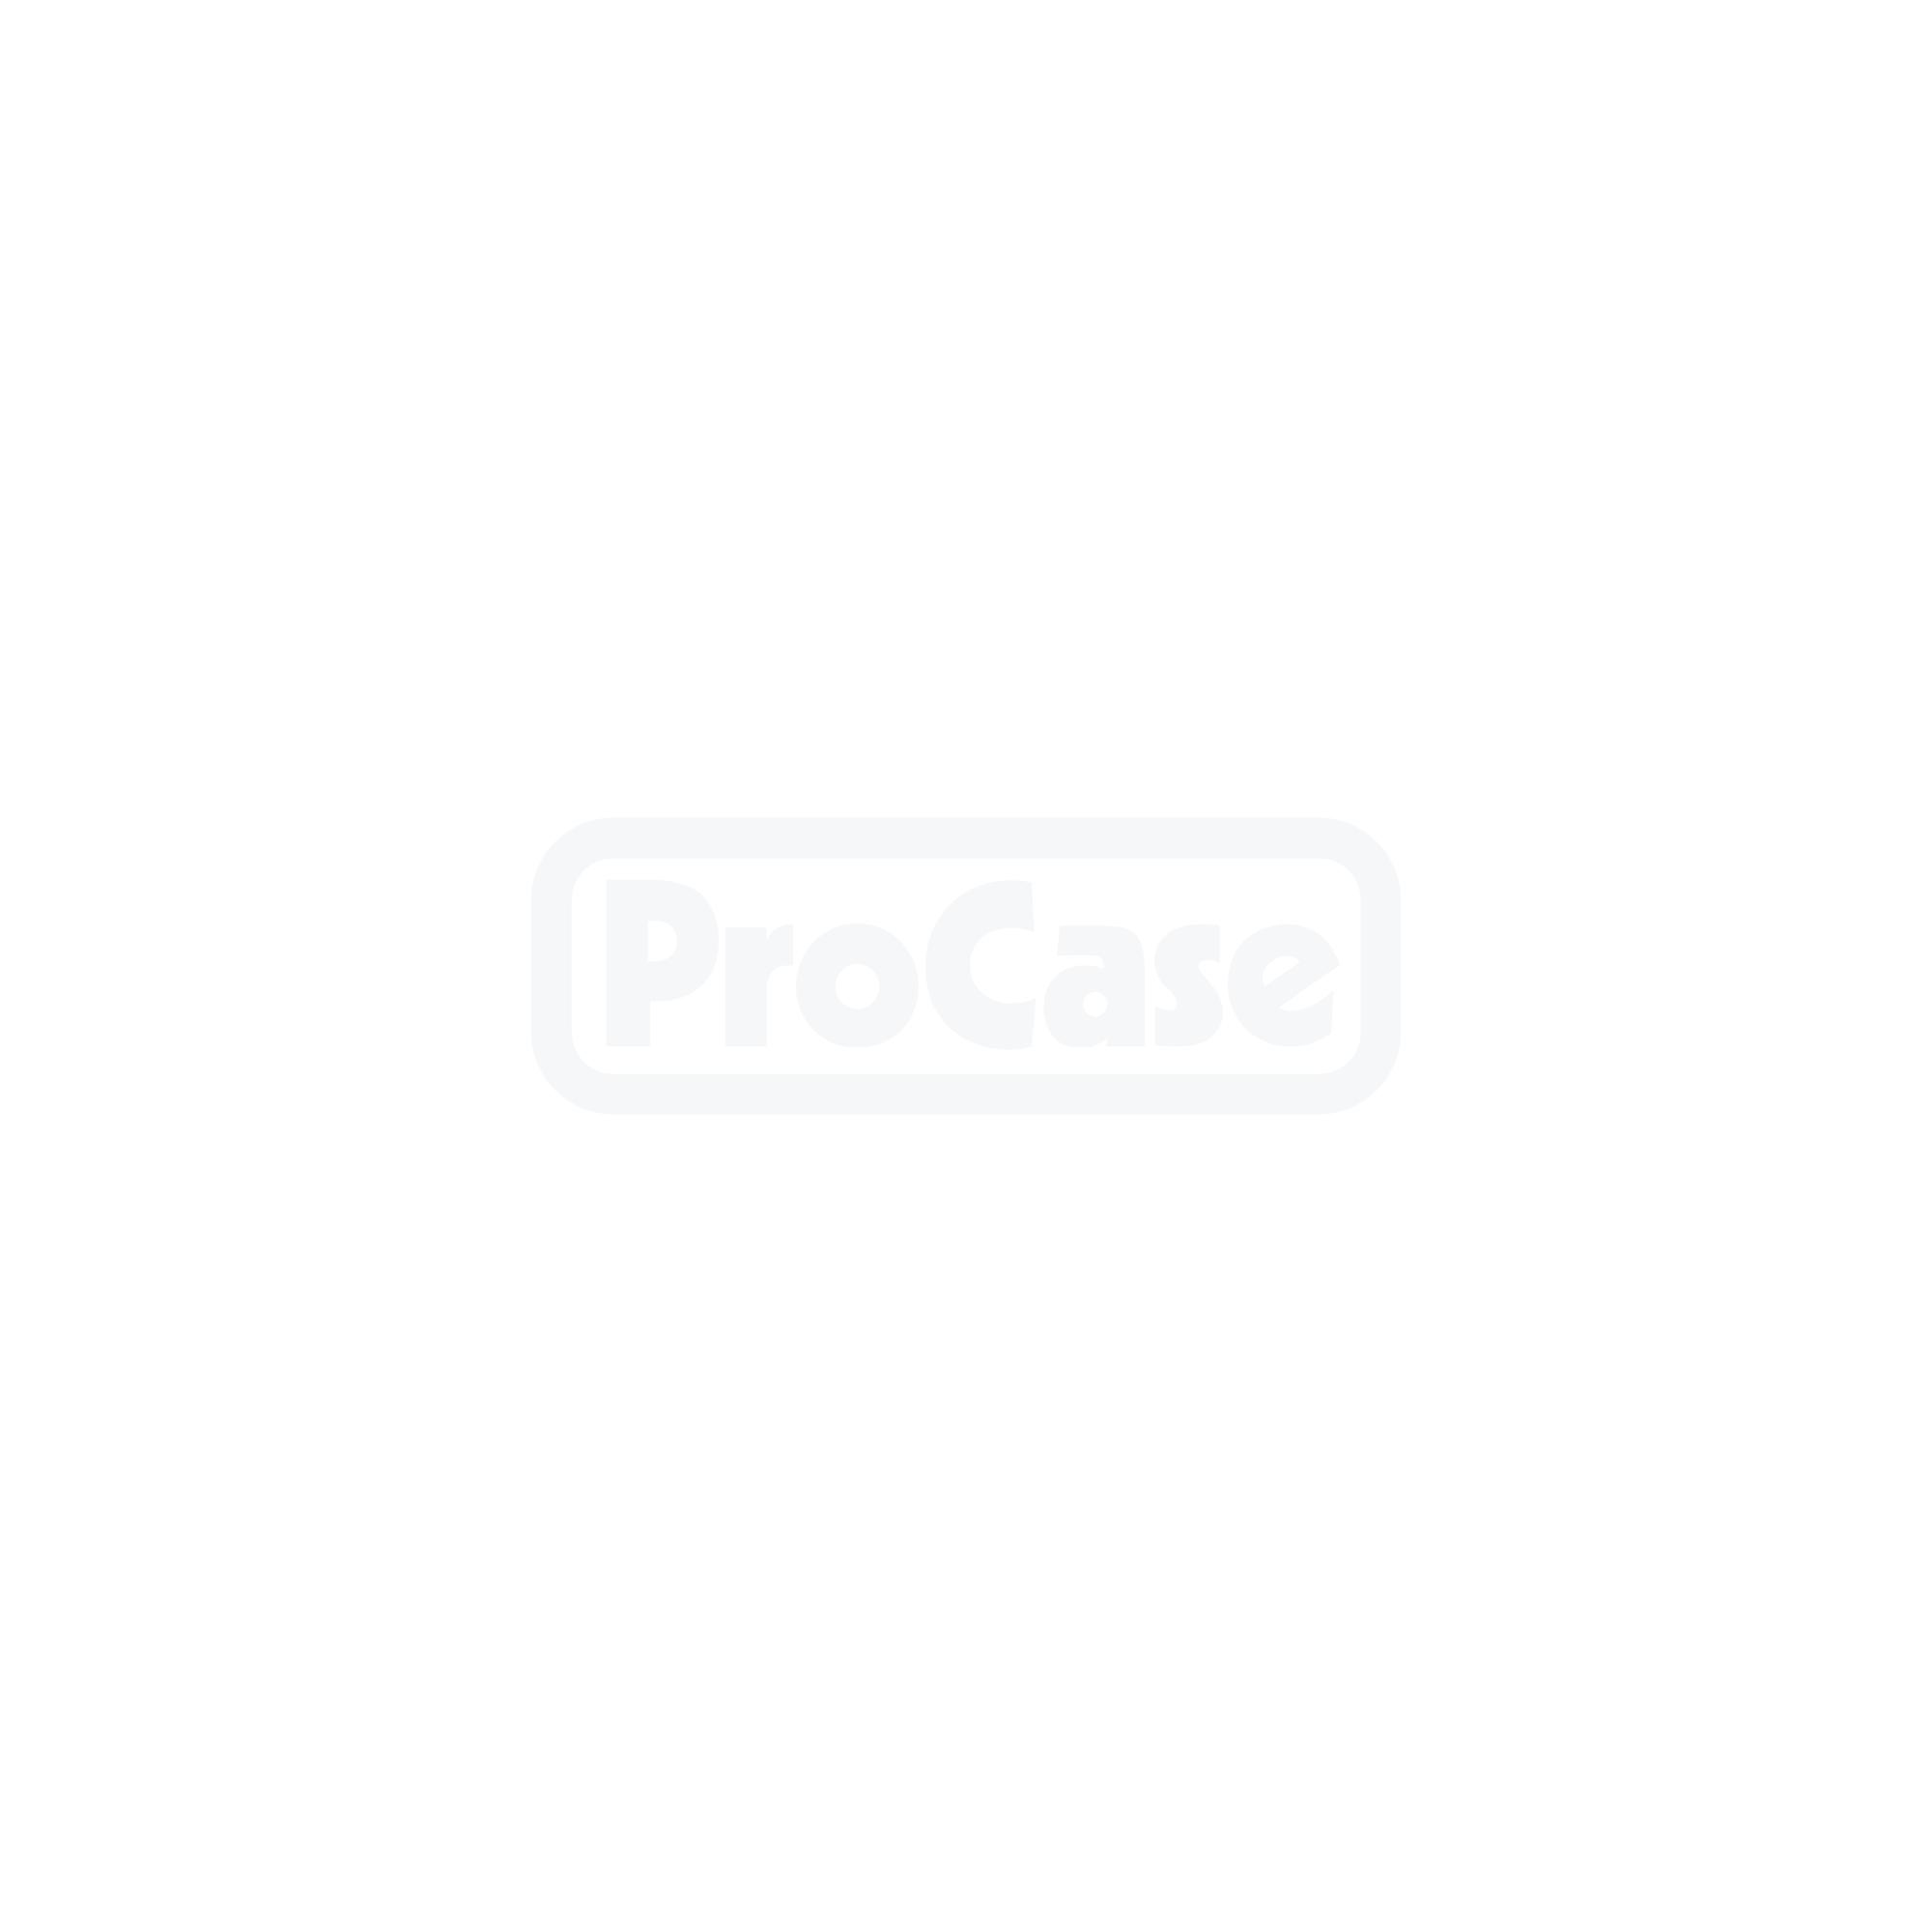 SKB 3i Koffer 4214-5 leer mit Trolley